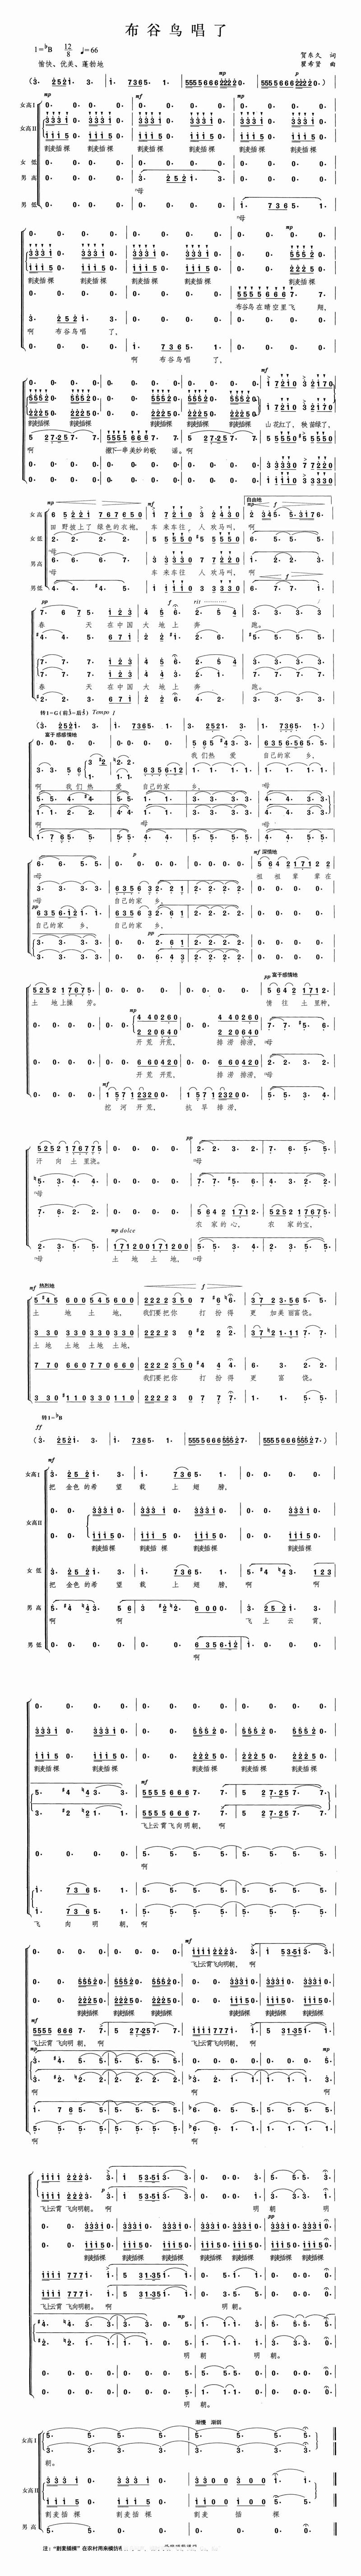 布谷鸟唱了(中国)高清手机移动歌谱简谱